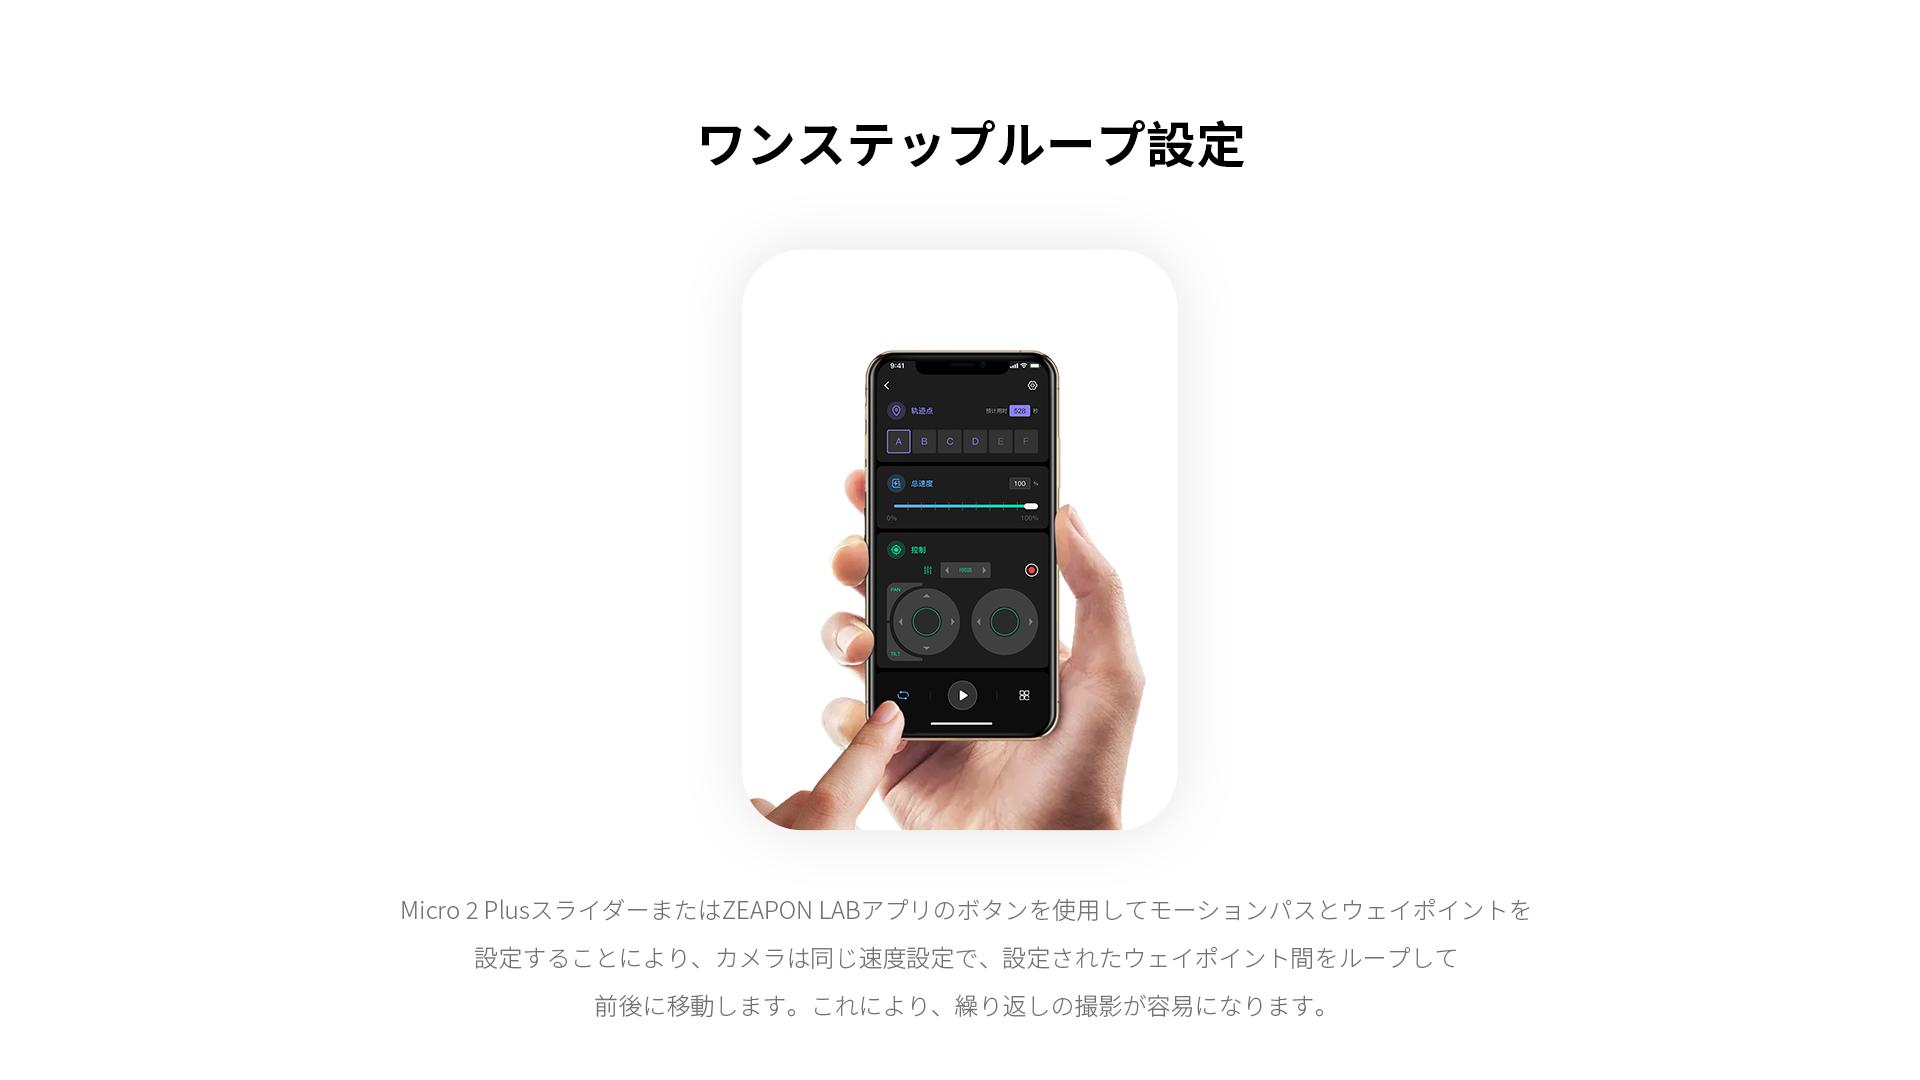 ワンステップループ設定 Micro 2 PlusスライダーまたはZEAPON LABアプリのボタンを使用してモーションパスとウェイポイントを設定することにより、カメラは同じ速度設定で、設定されたウェイポイント間をループして 前後に移動します。これにより、繰り返しの撮影が容易になります。